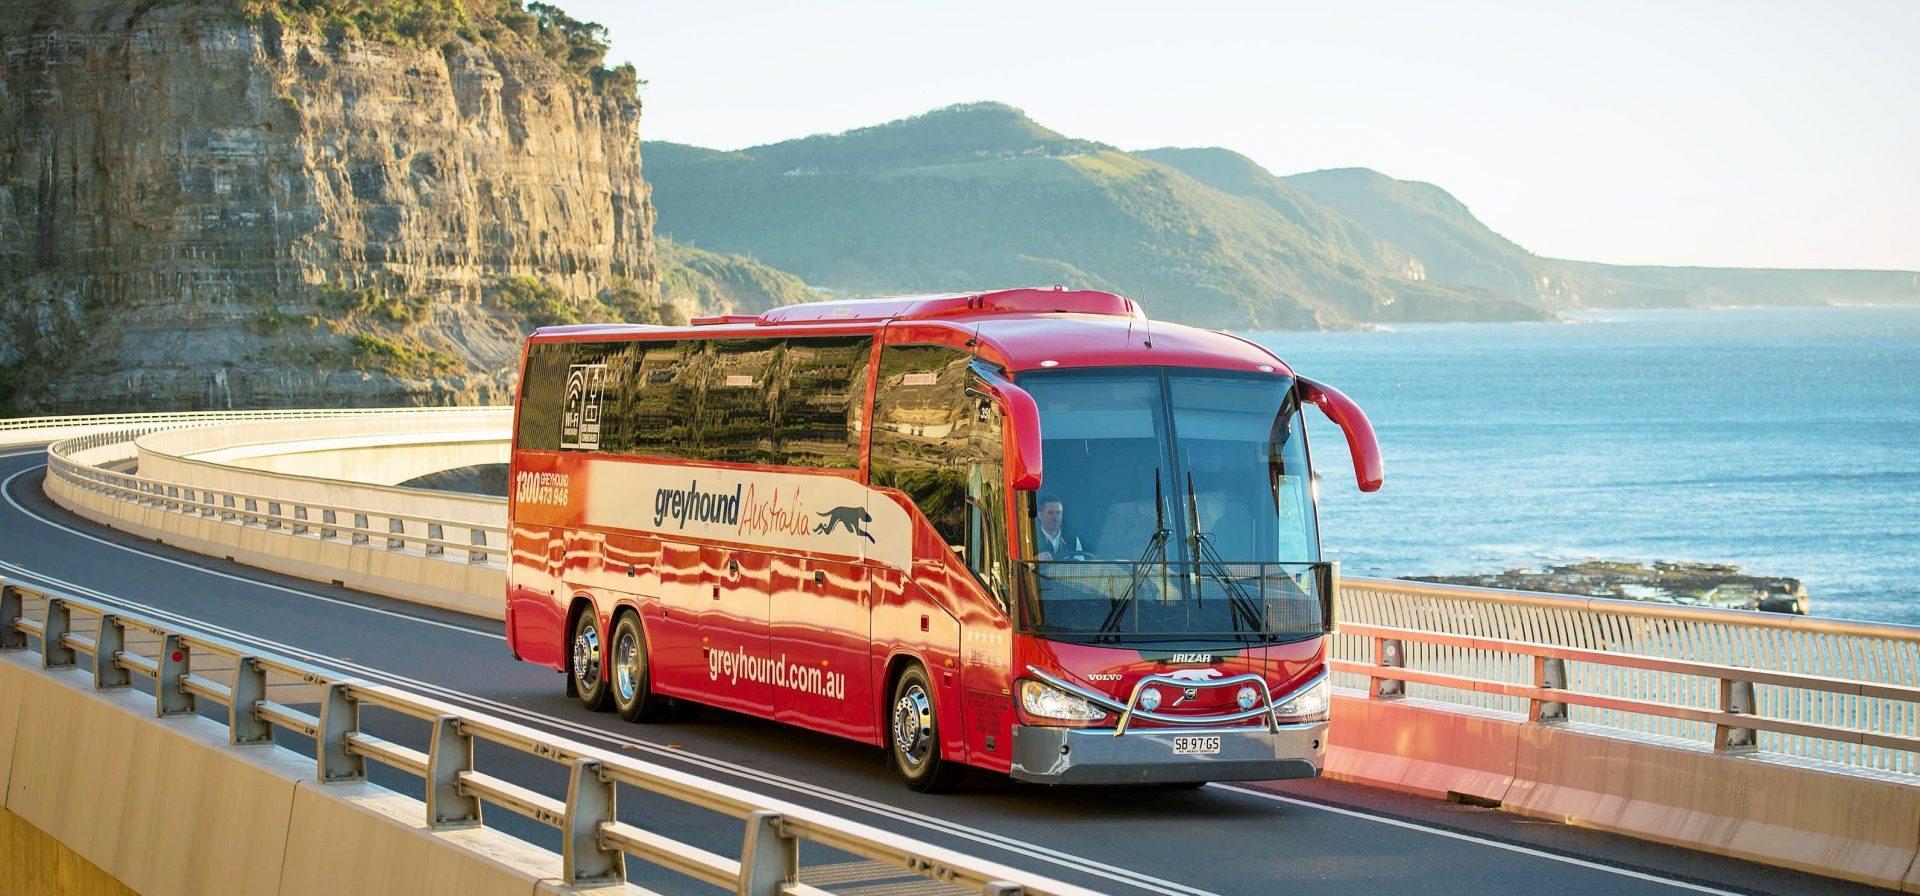 Автобусные экскурсионные туры по Европе: в чем их достоинства и недостатки